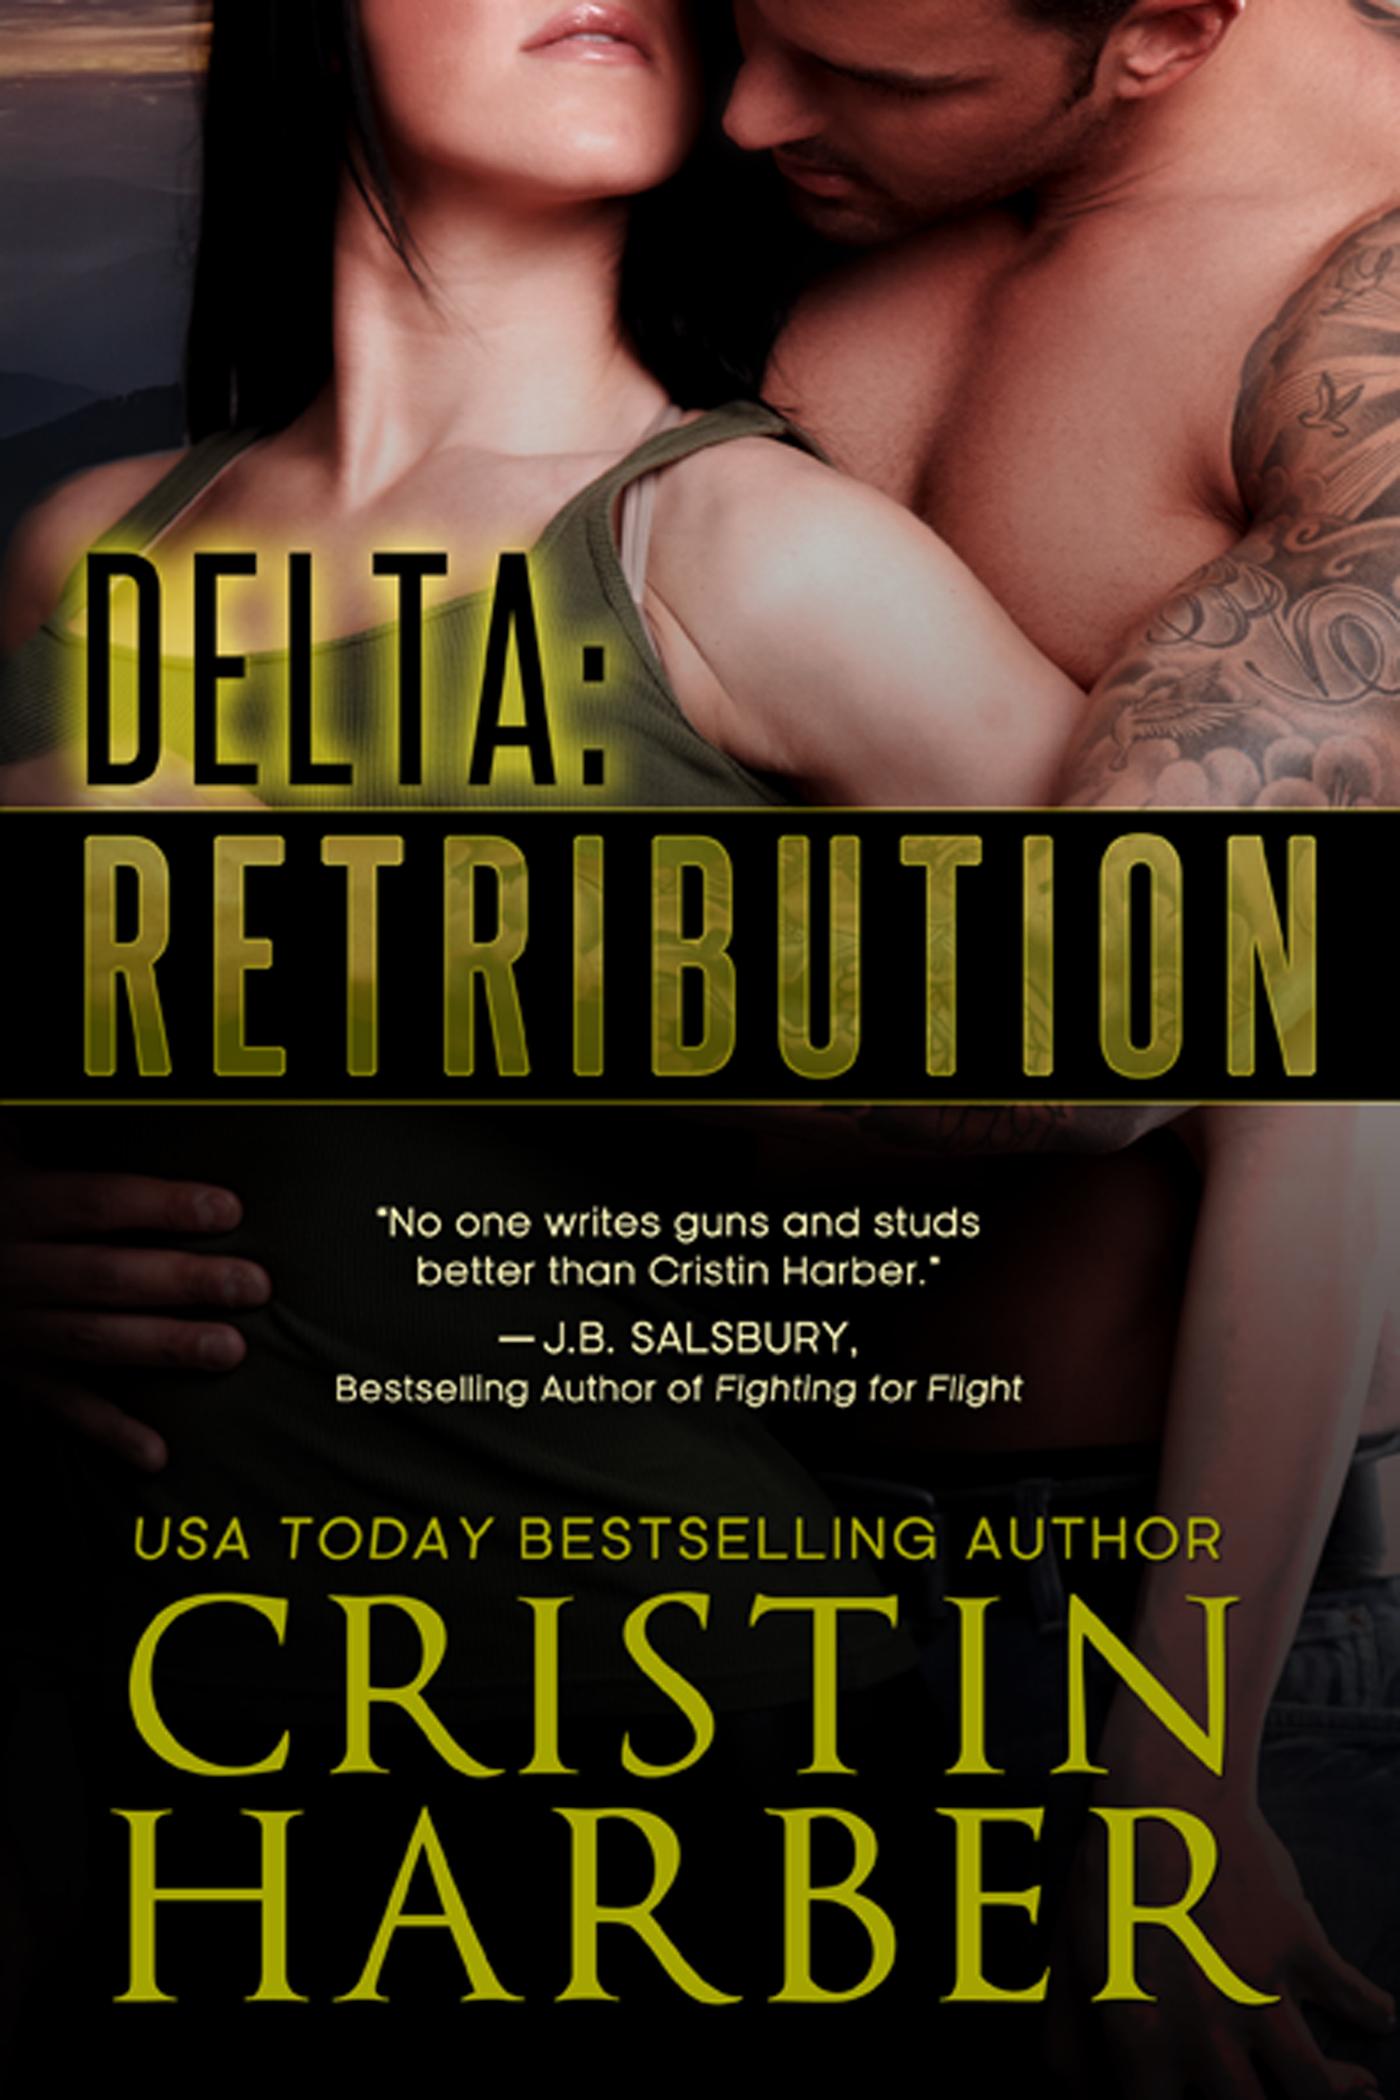 RELEASE BLITZ: DELTA: RETRIBUTION by Cristin Harber